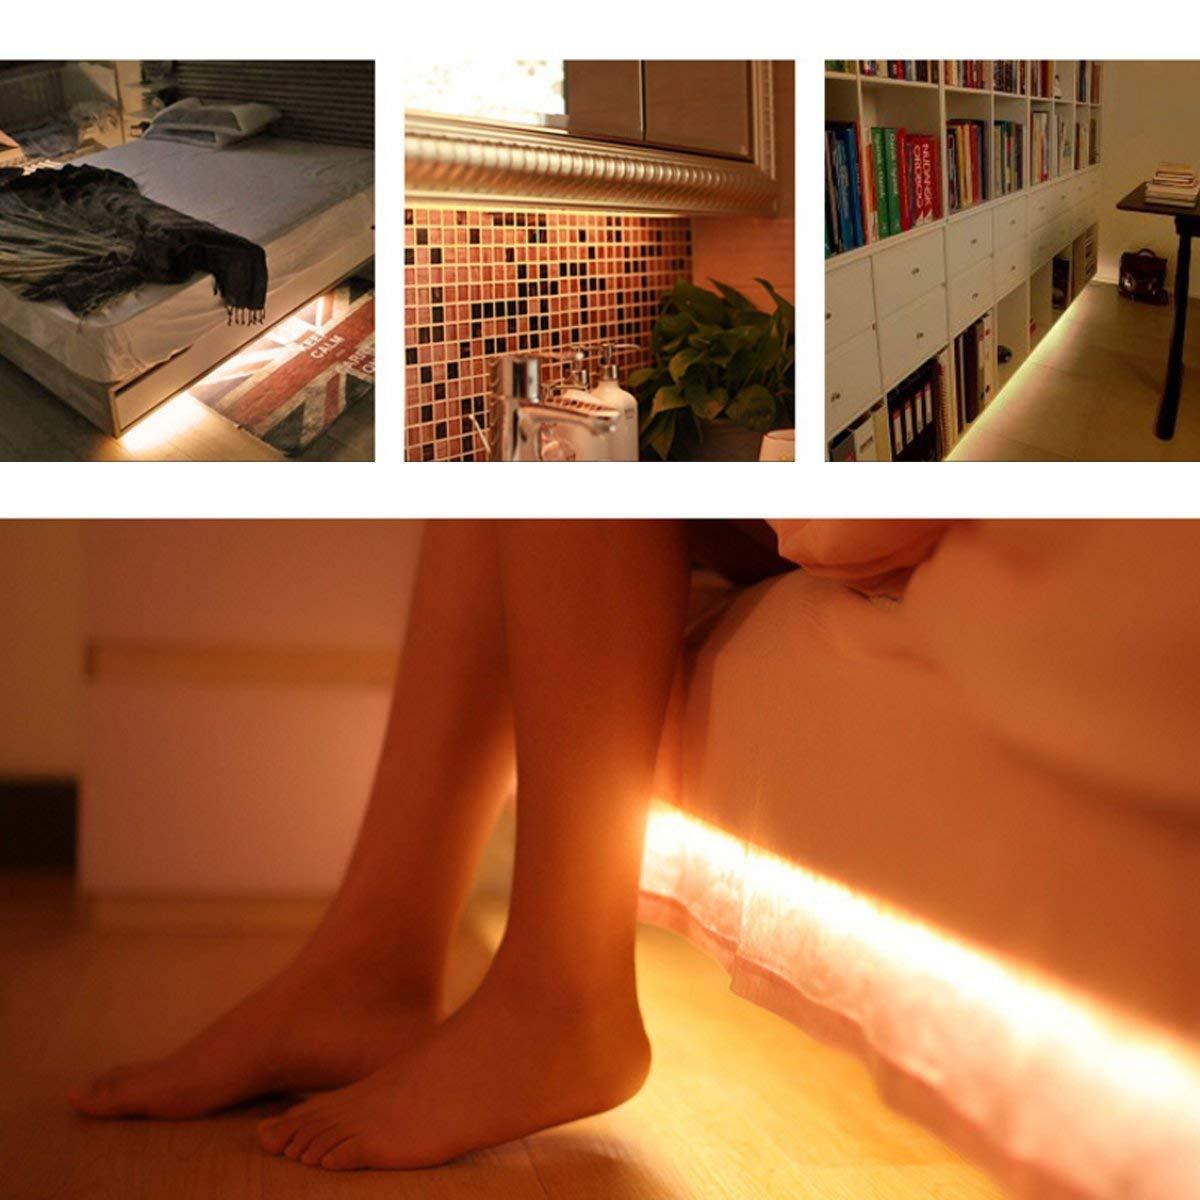 funciona con 4 pilas AAA, No Incluidas 150CM Tiras Leds Iluminaci/ón OriFiil 45LED 1.5M Luz Armario Luces LED Nocturna con Sensor de Movimiento para Pasillo Ba/ño Cocina Escalera